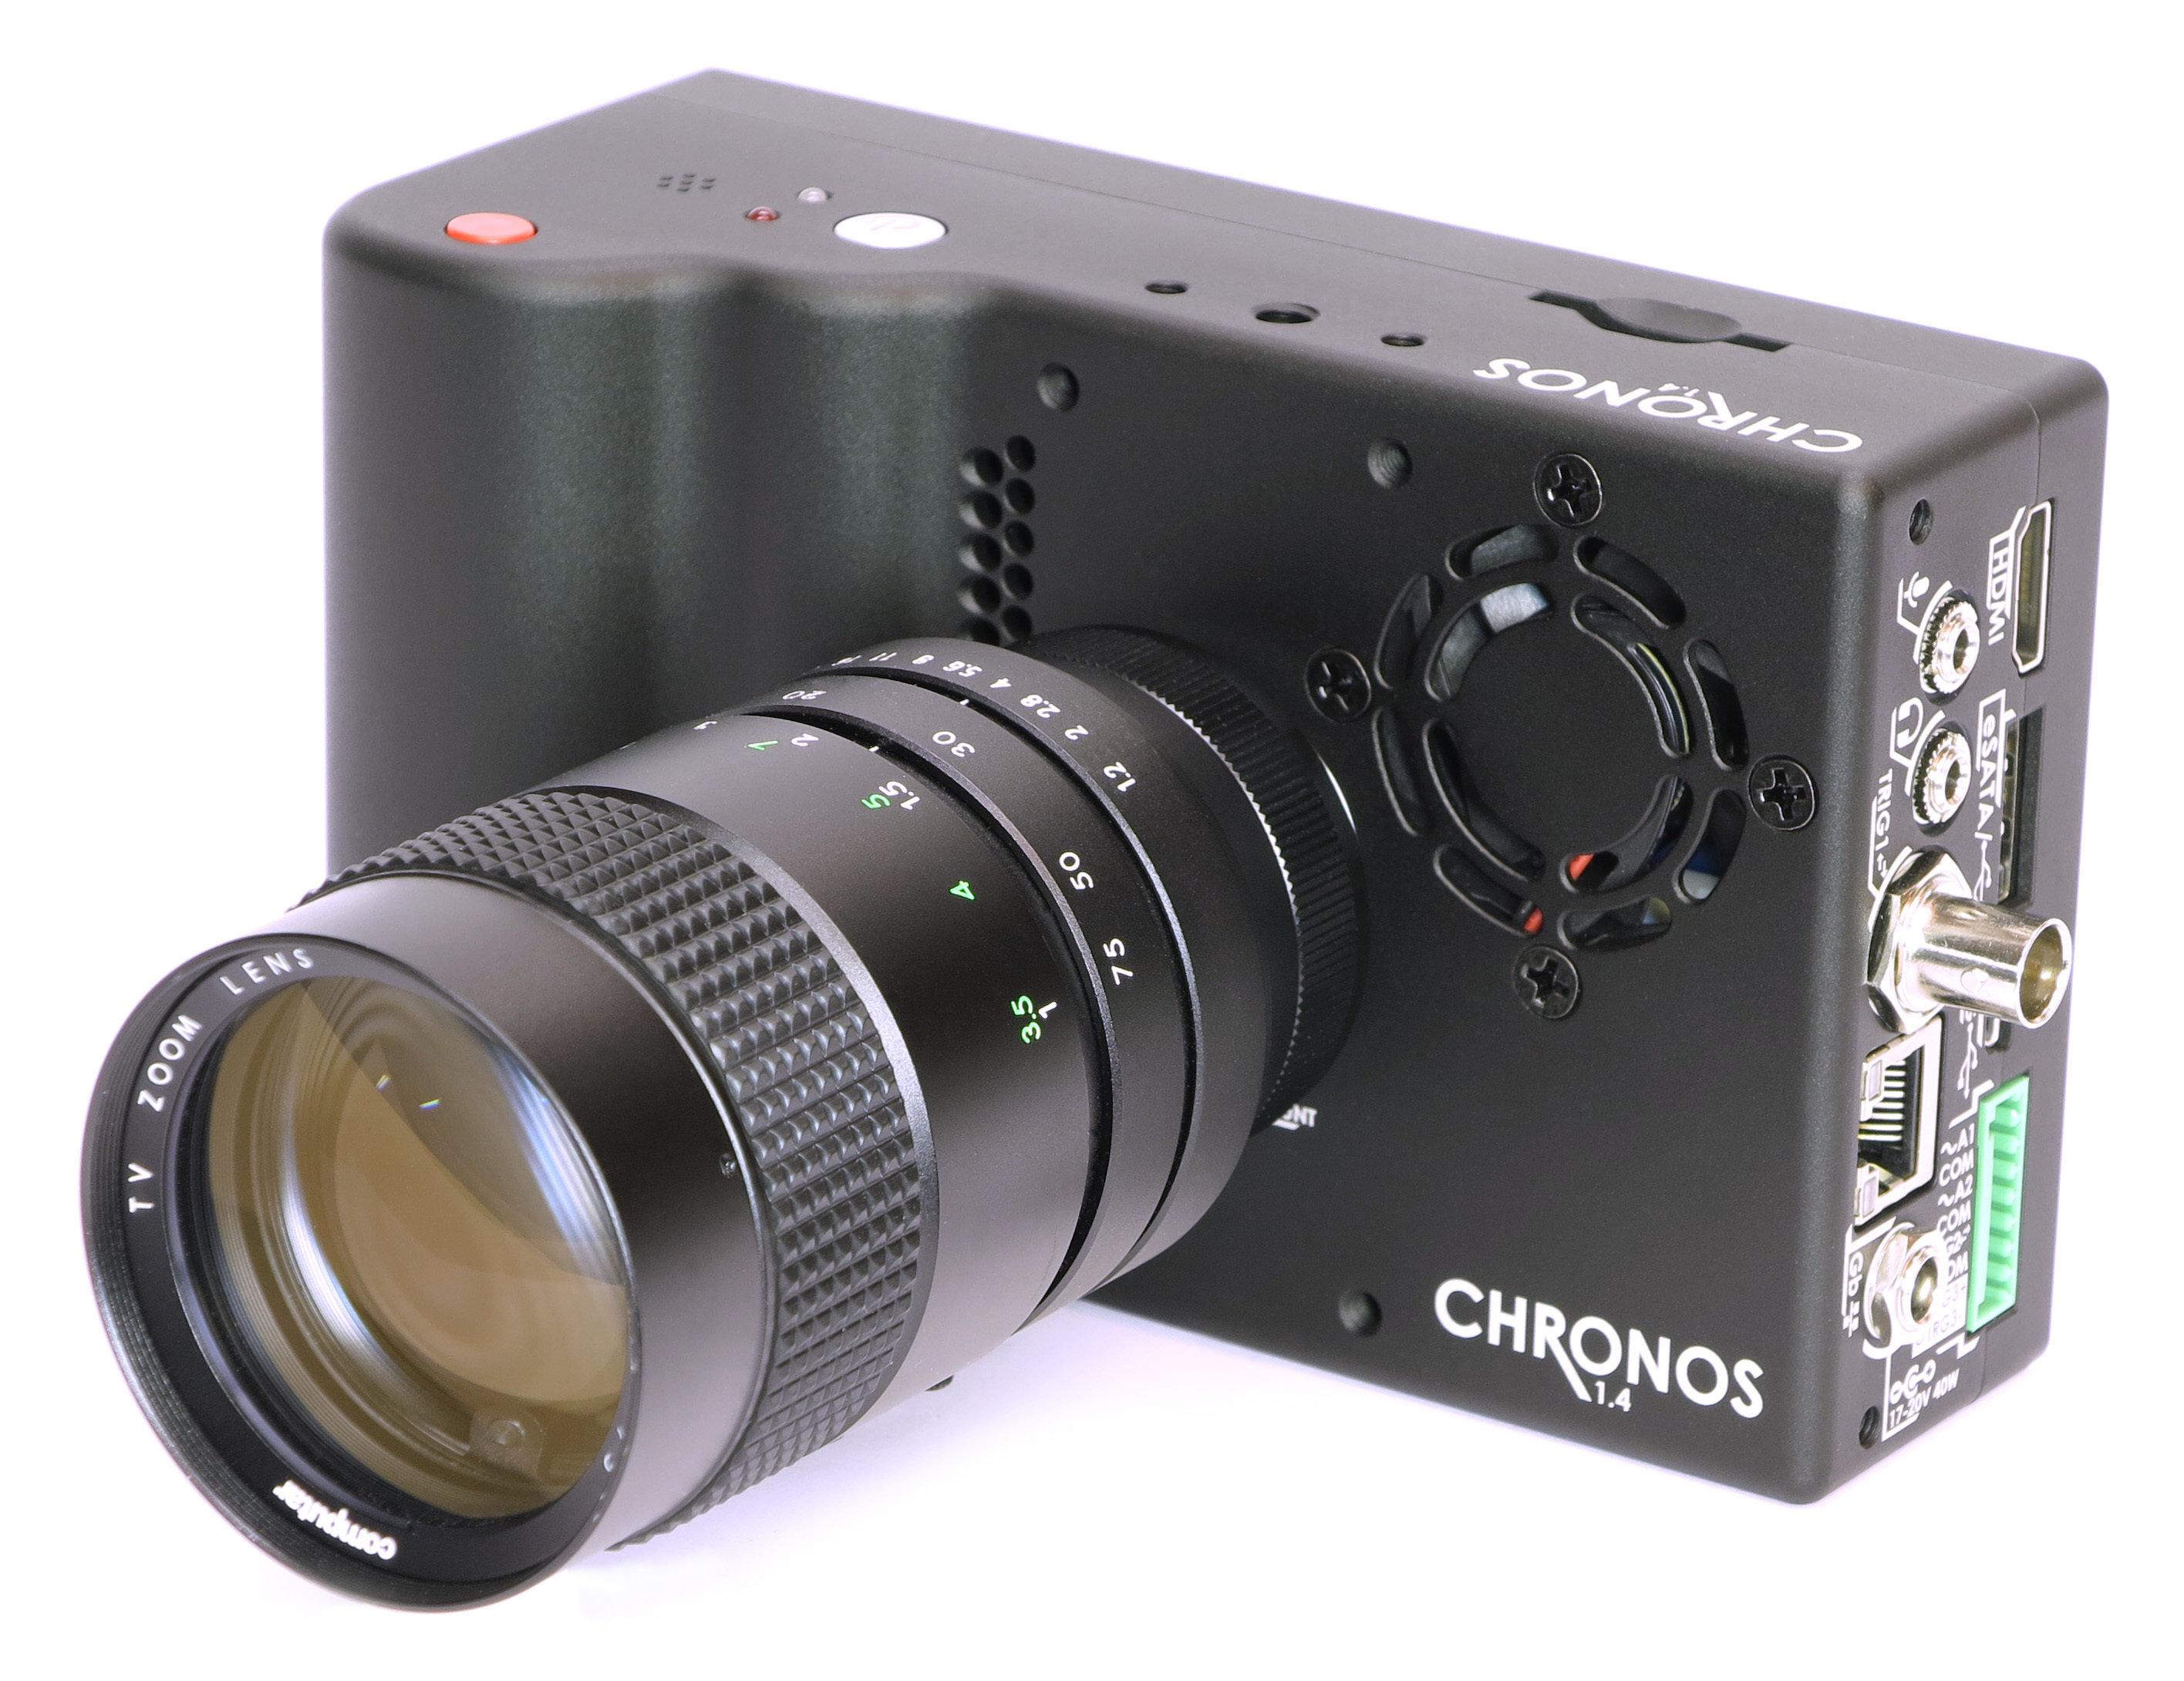 Chronos 1.4 high-speed camera CR14-1.0